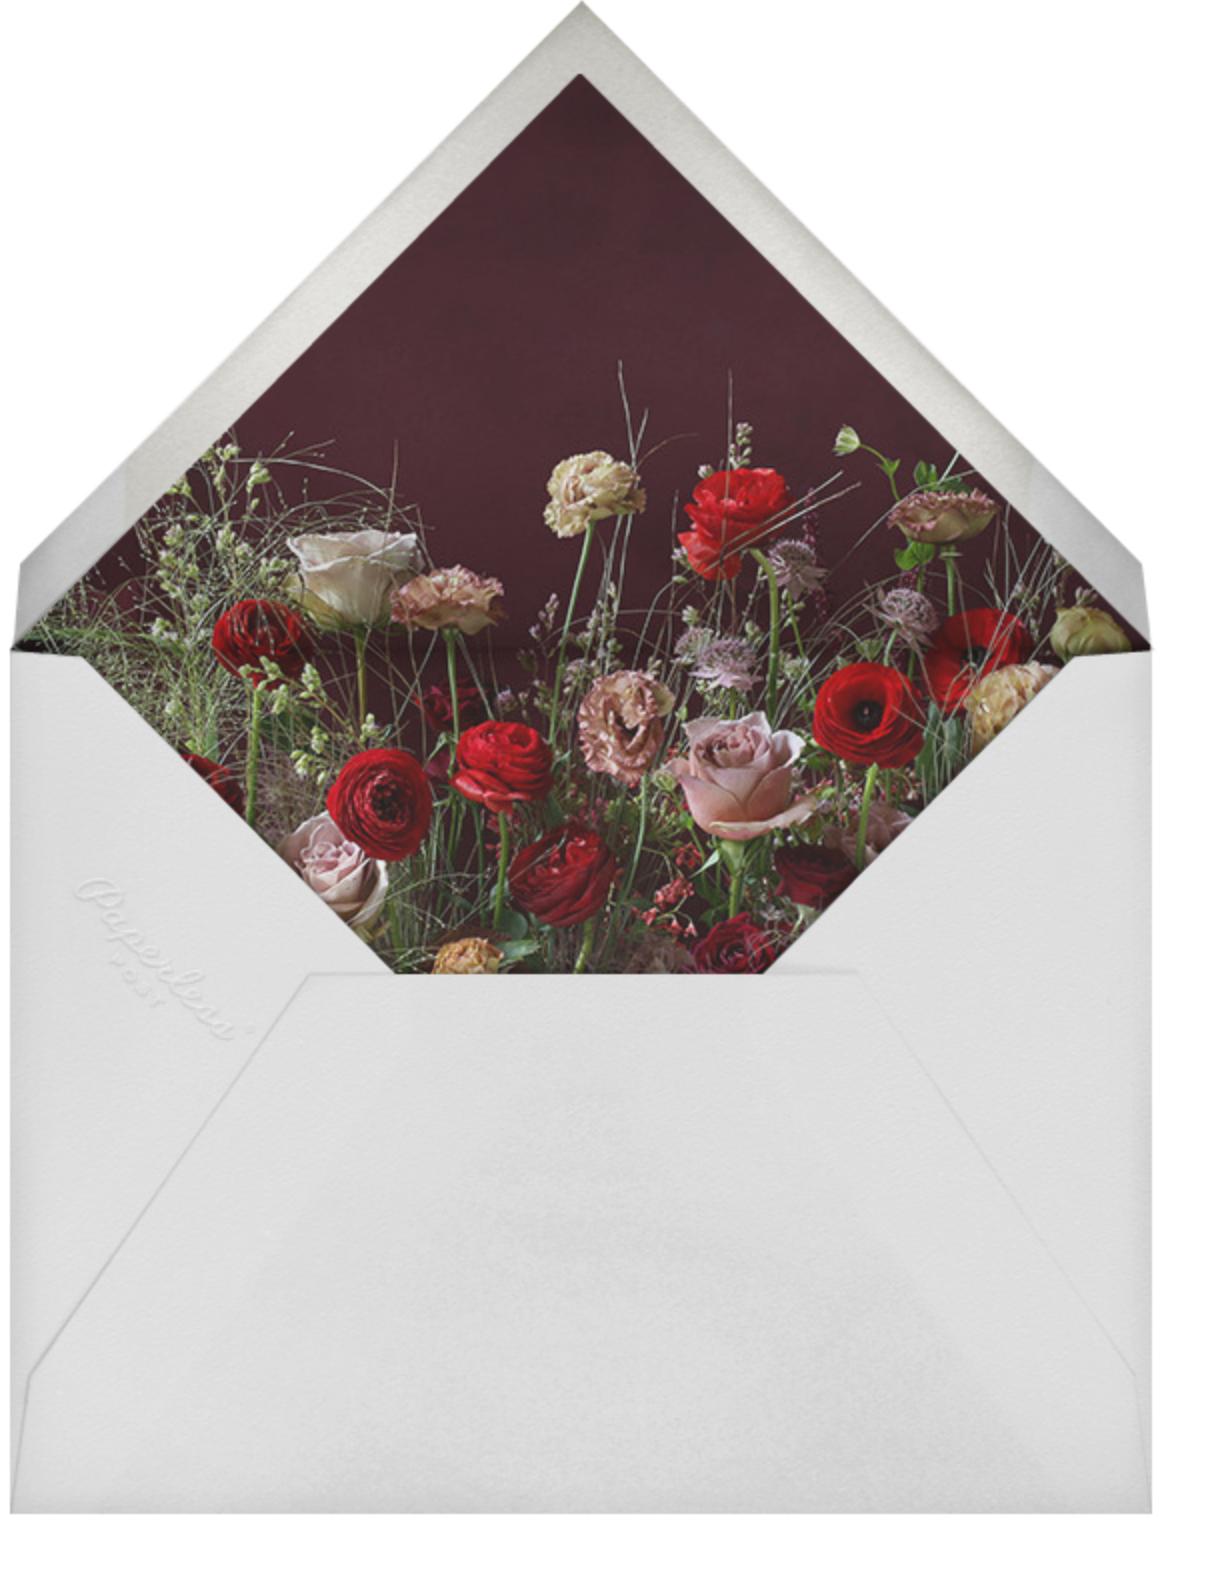 Brumaire - Putnam & Putnam - Dinner party - envelope back